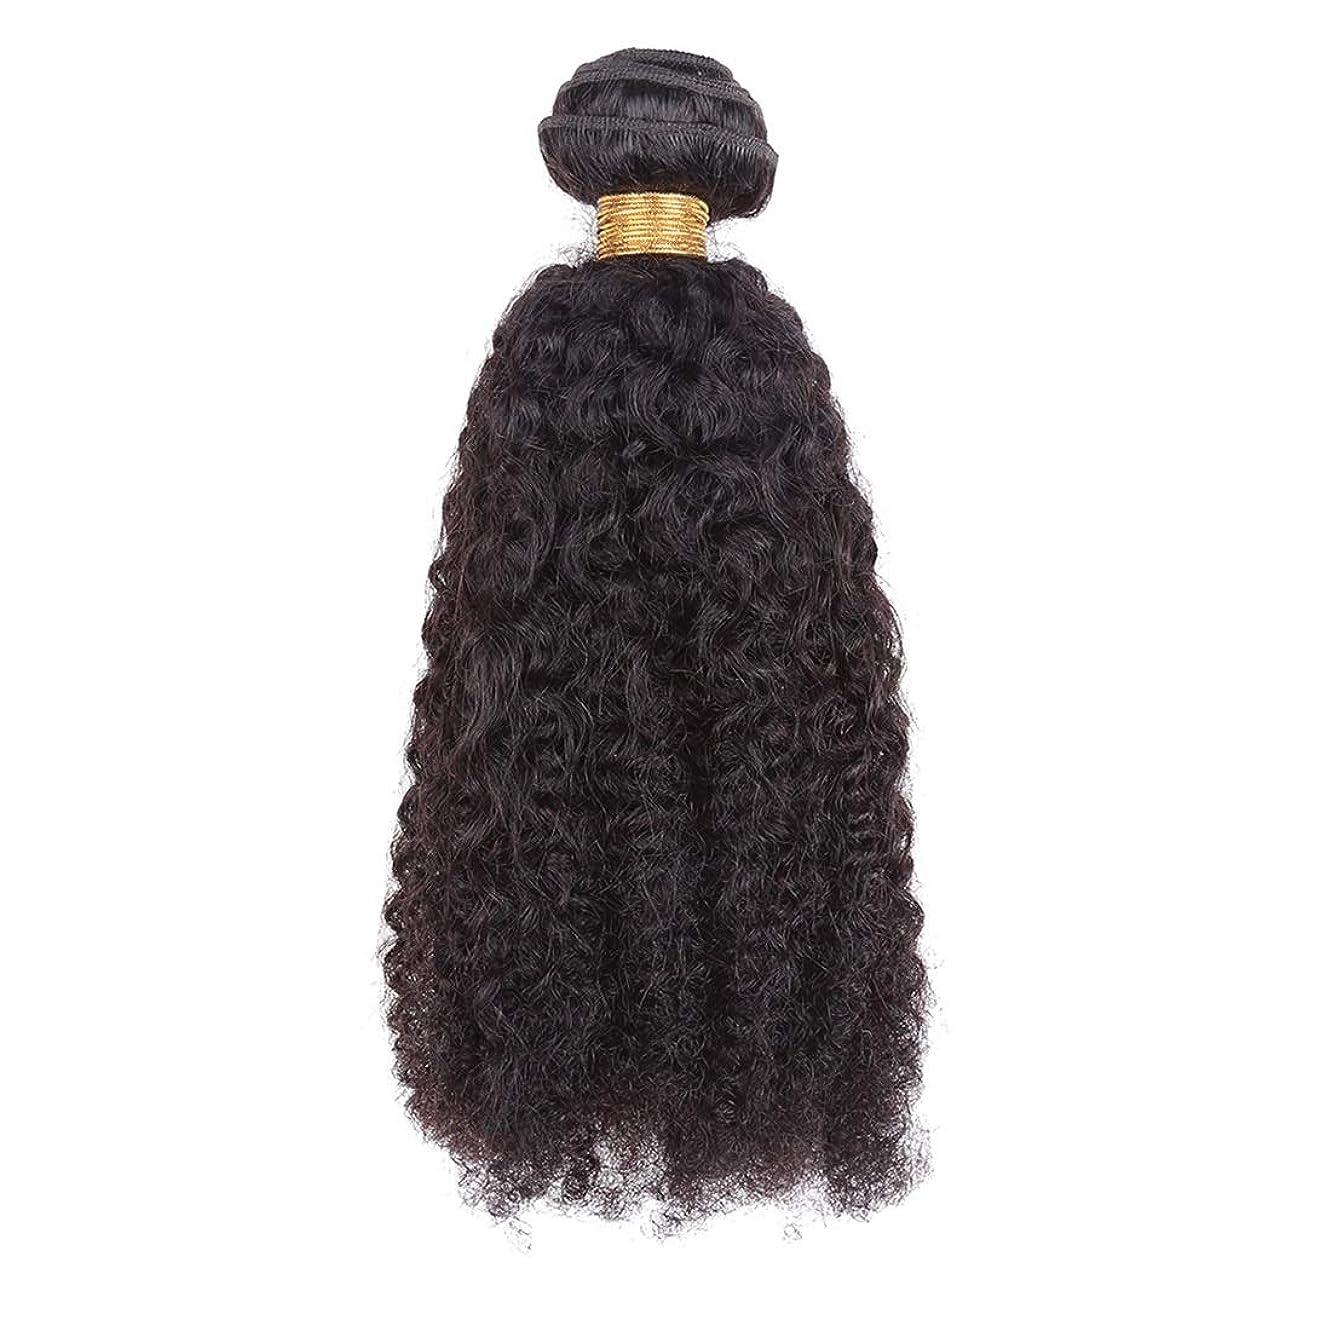 むしゃむしゃ失敗くそーJIANFU ヨーロッパとアメリカの女性18インチナチュラルブラックヘアカーテンリアルヘアアフロカールヘアカーテン (Color : ブラック)